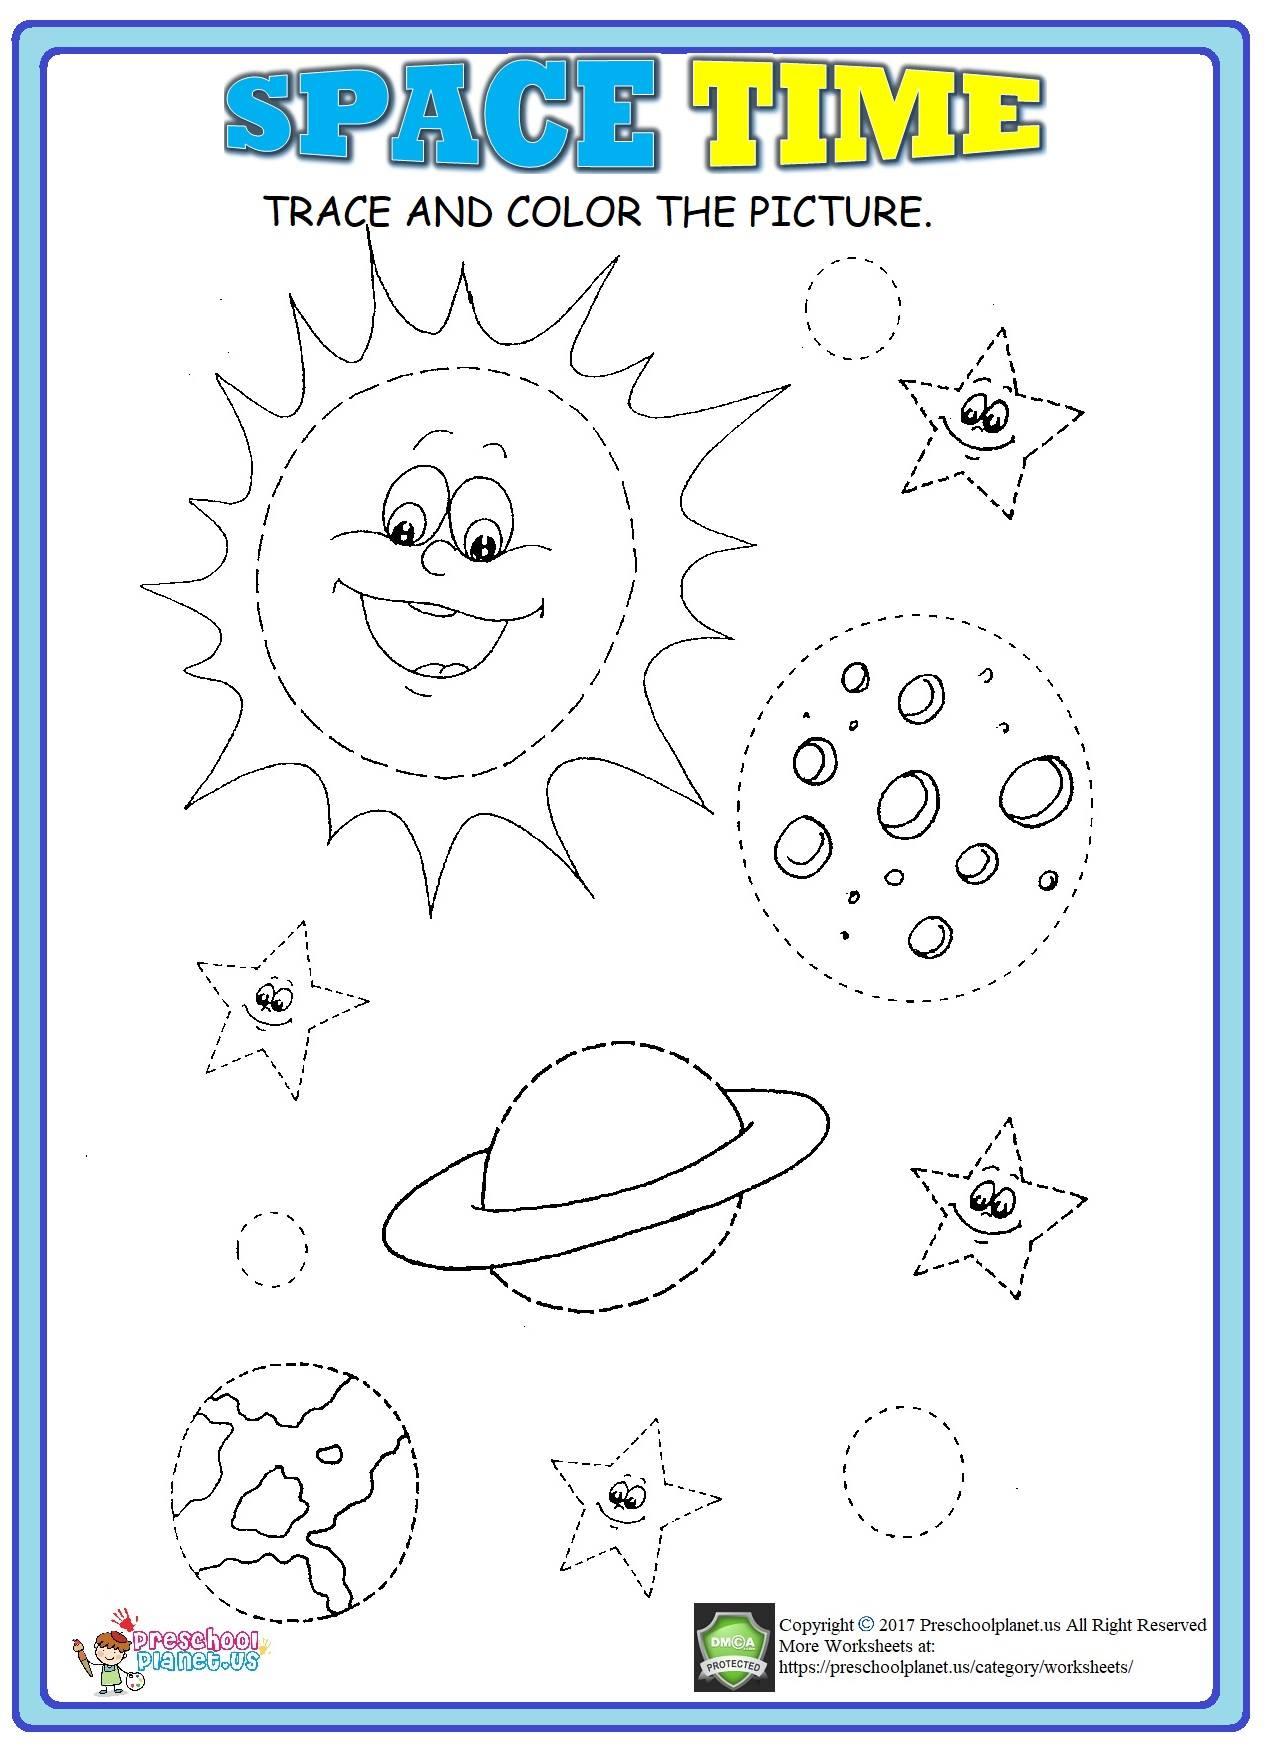 Life Of Cycle Dinosaur Worksheet Preschoolplanet